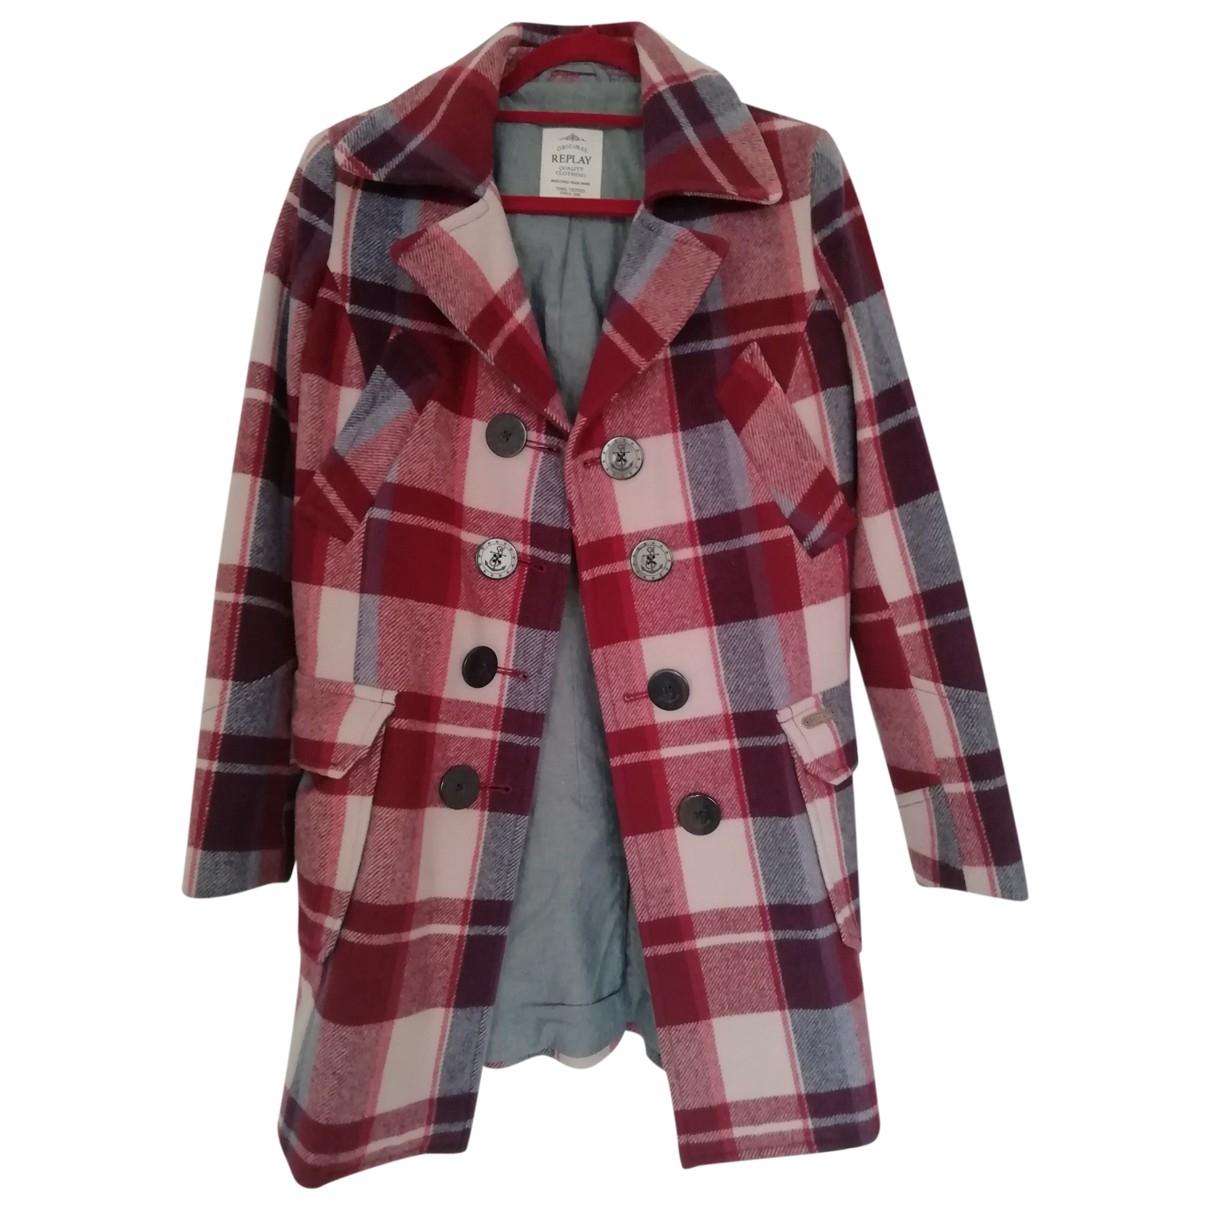 Replay - Manteau   pour femme en laine - multicolore